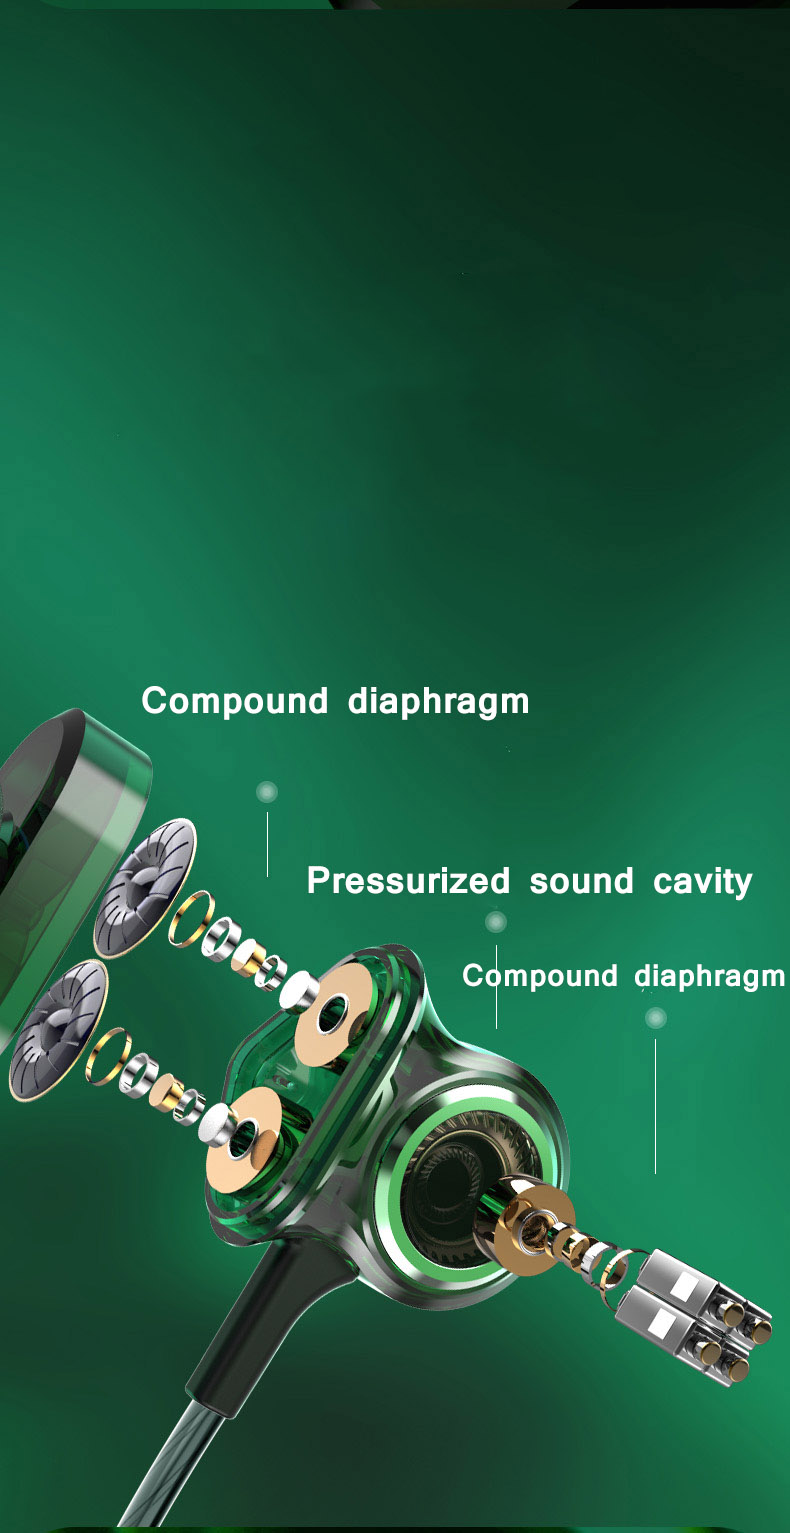 com fio de alta qualidade audiophile lossless